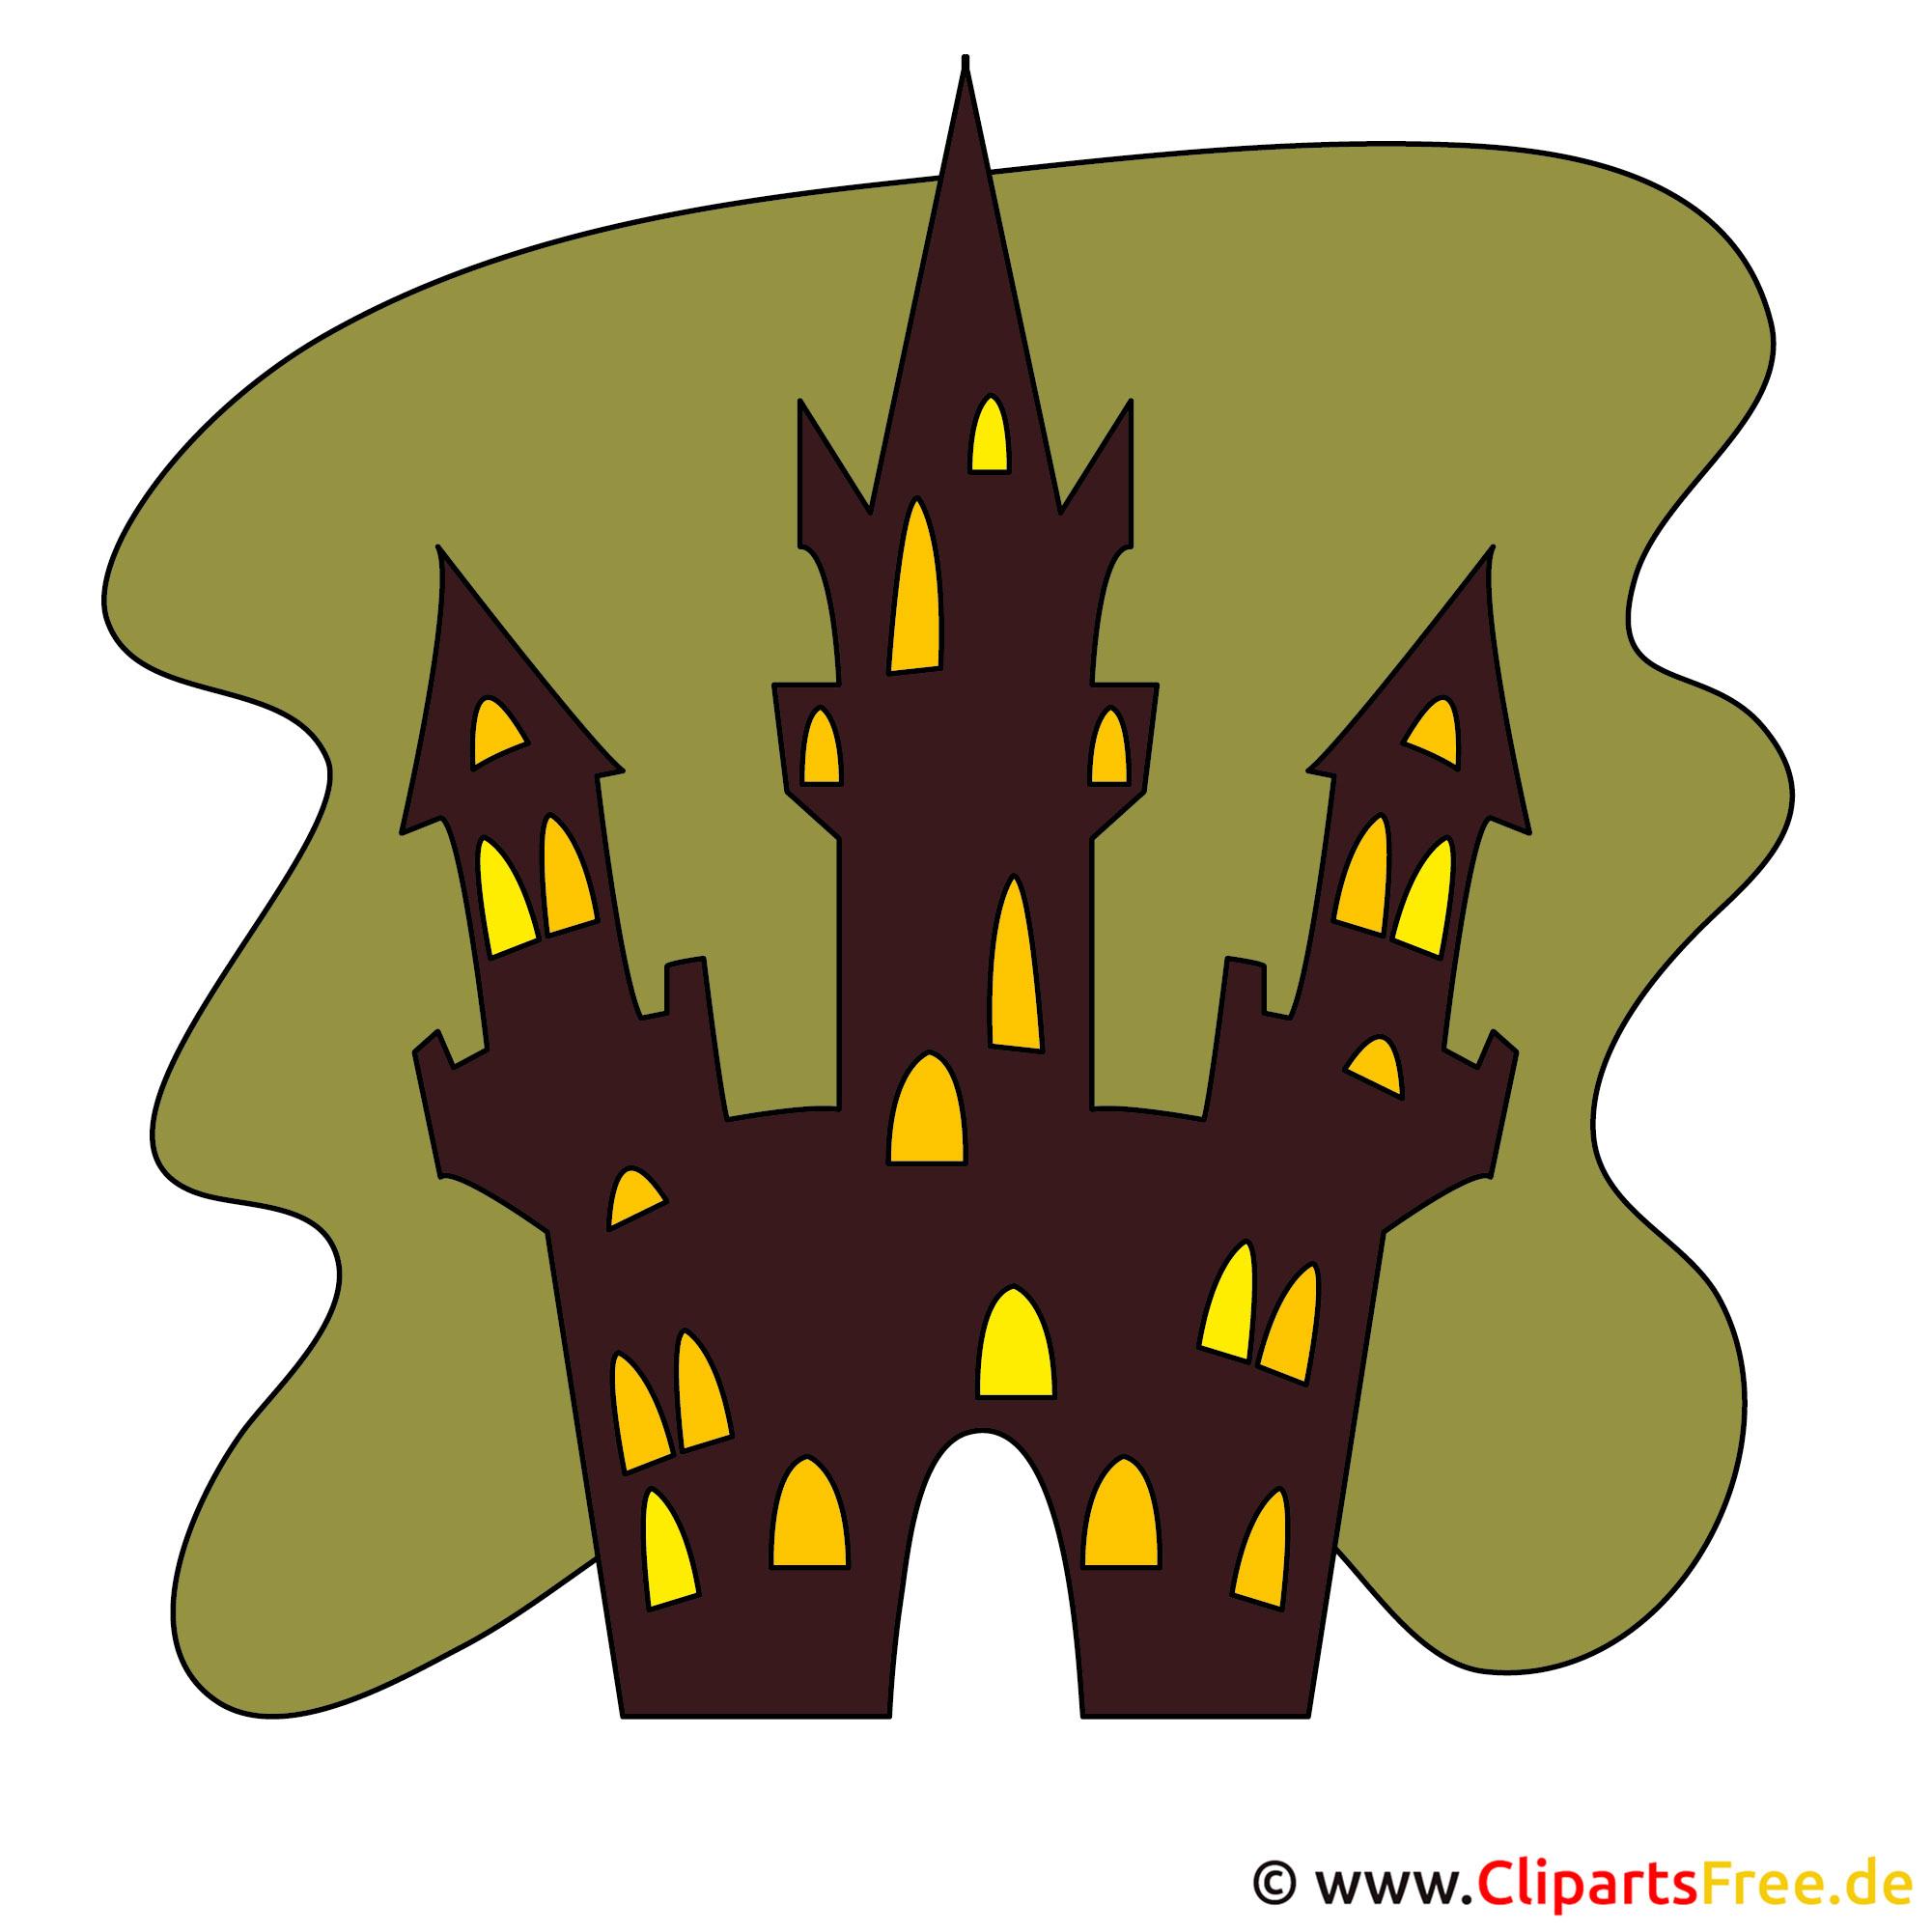 wasserburg chat Chat kostenlos: mehr als 500000 singles chat mit wwsuse46ww kostenlos, wasserburg - dauerhaft kostenlos.